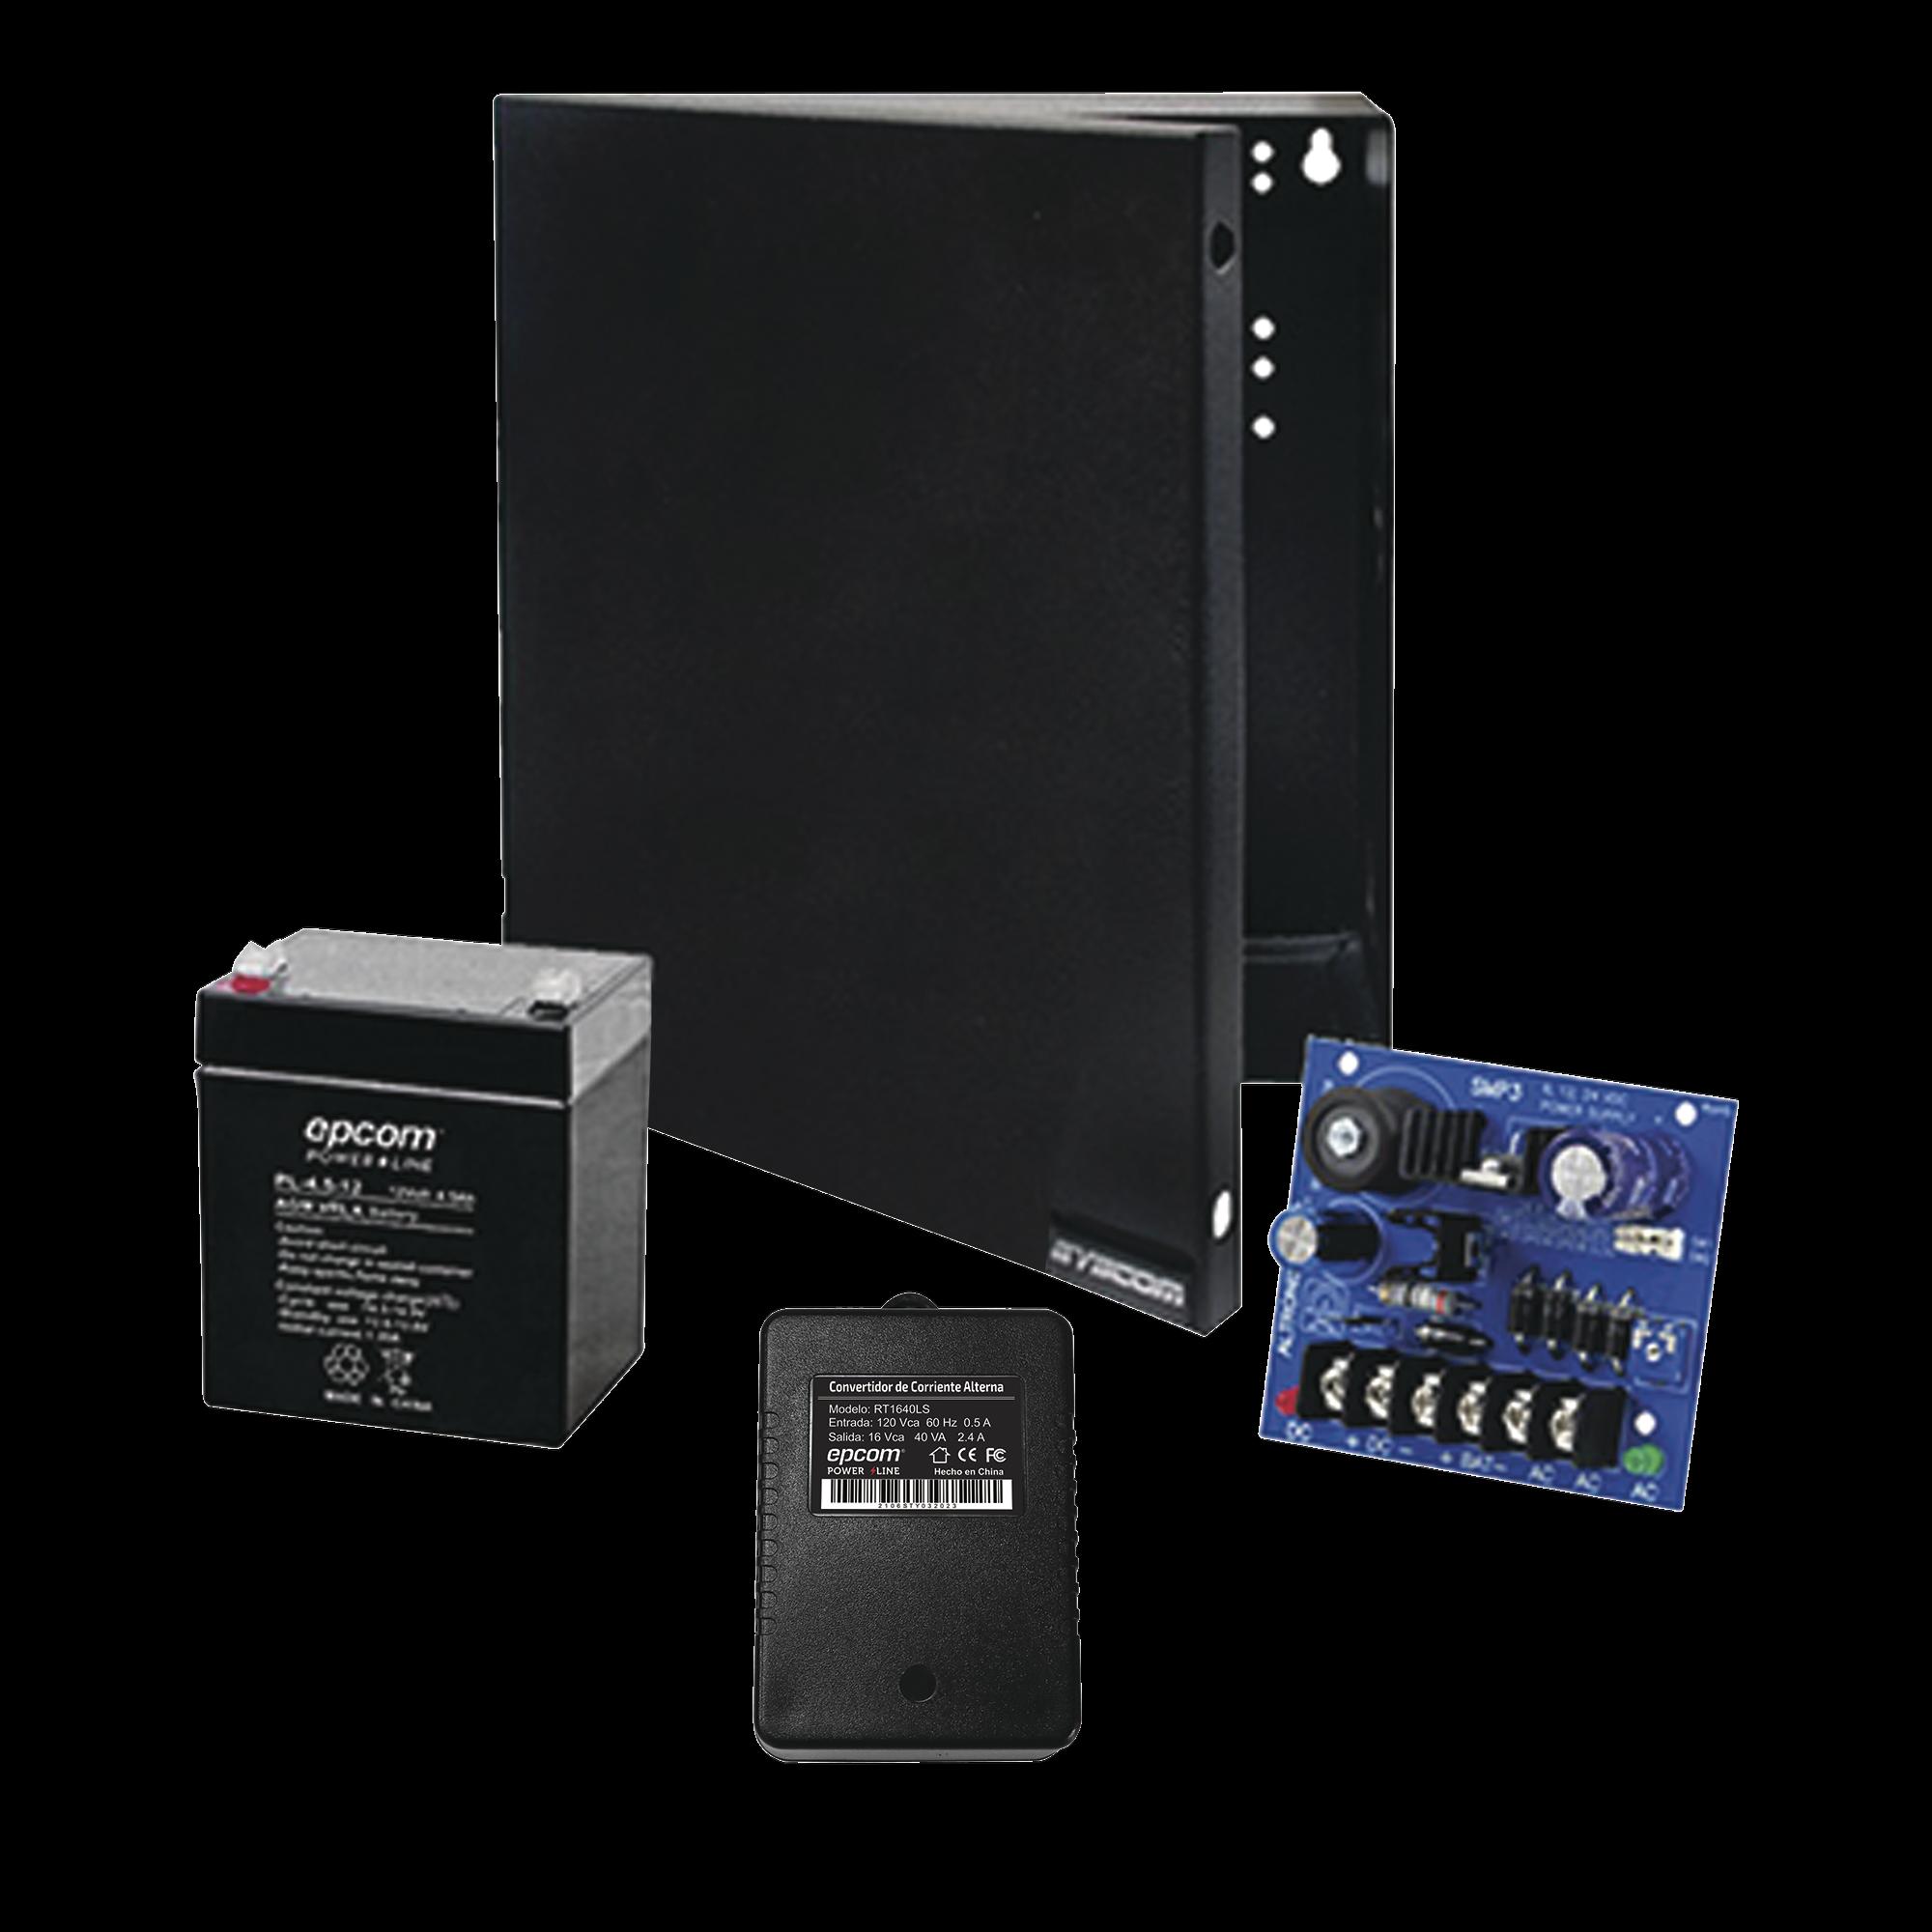 Kit con fuente ALTRONIX con salida de 12 Vcd a 2.5 Amper, incluye transformador y bateria de 4.5 Amper